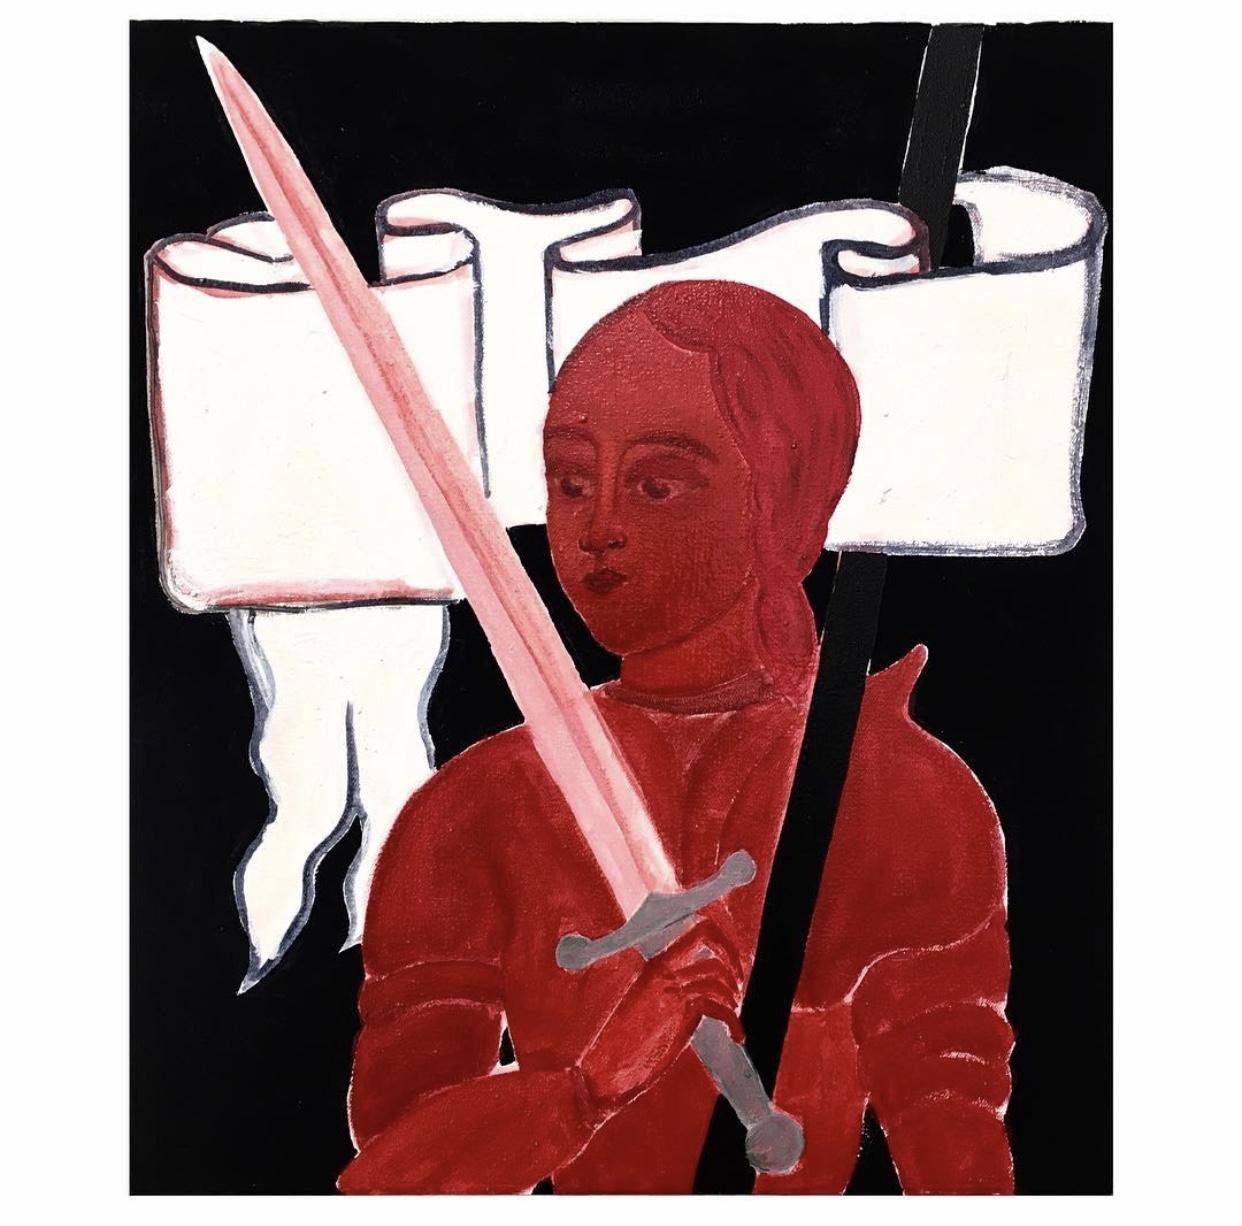 Leonie Silye - ['Jeanne d'arc', oil and acrylic gouache on canvas, 40x35cm, 2018]